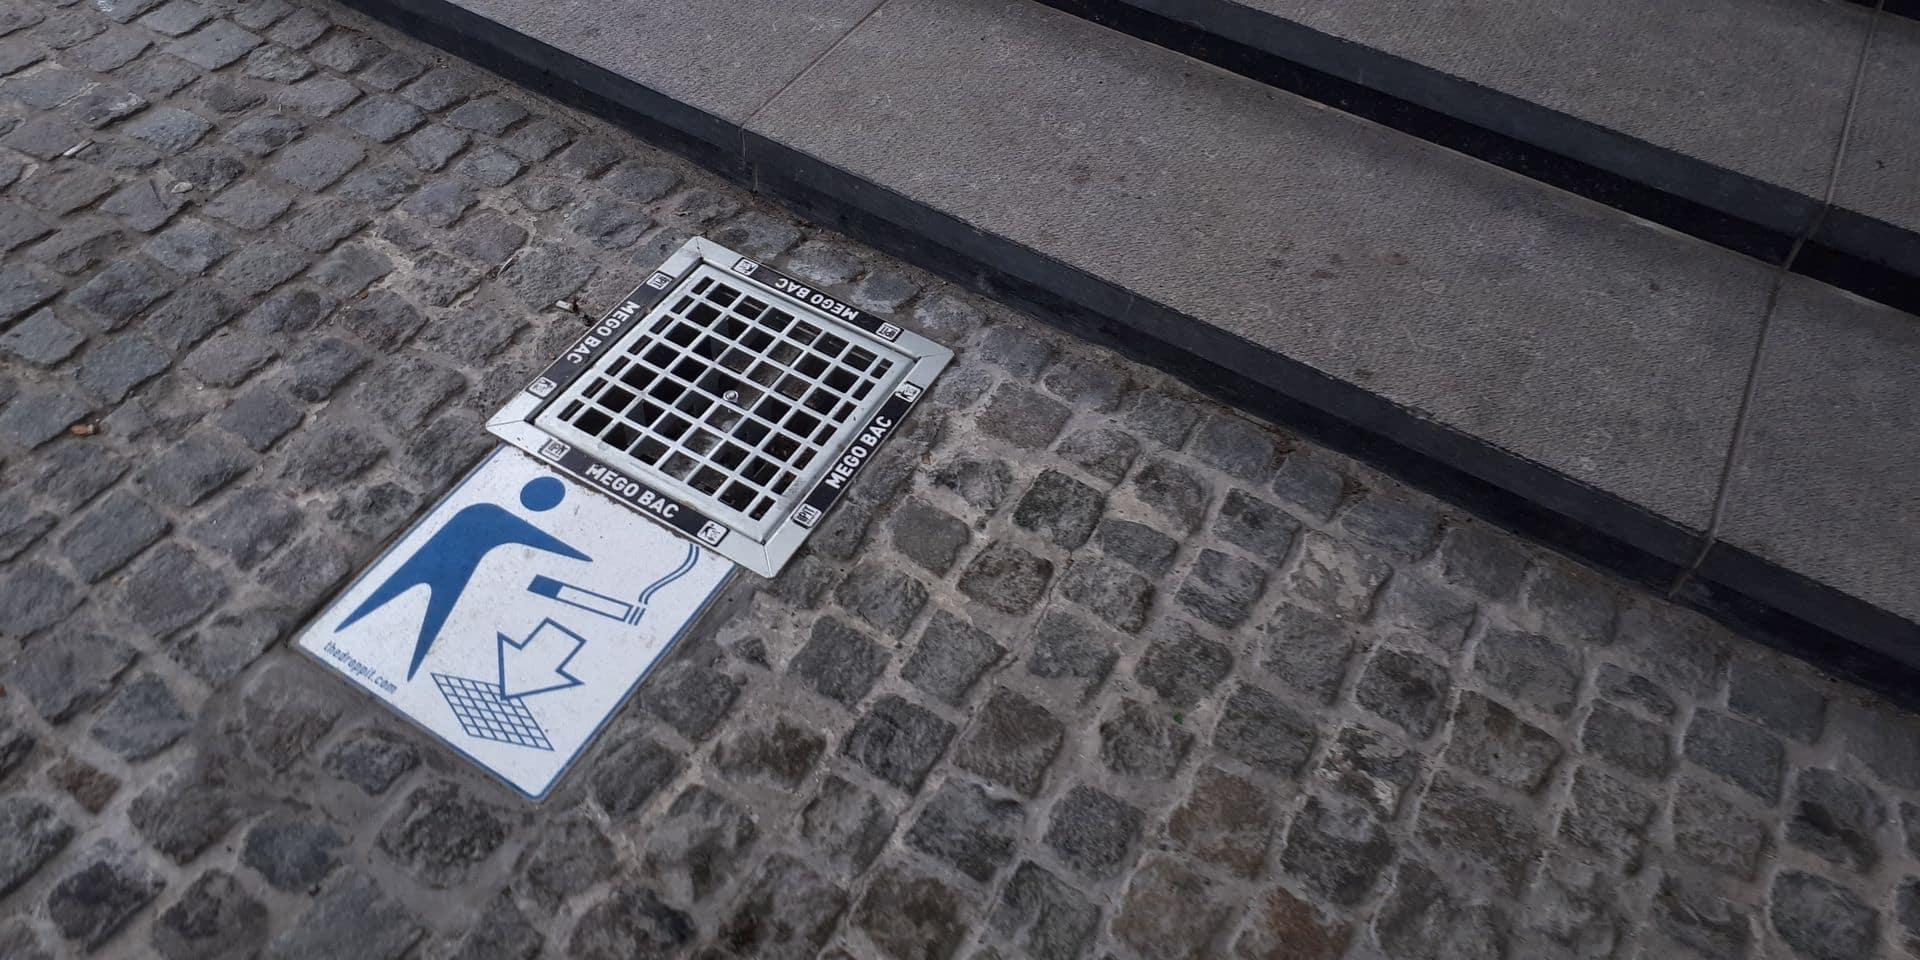 Les cendriers enterrés à Charleroi, la fausse bonne idée qui fait flop